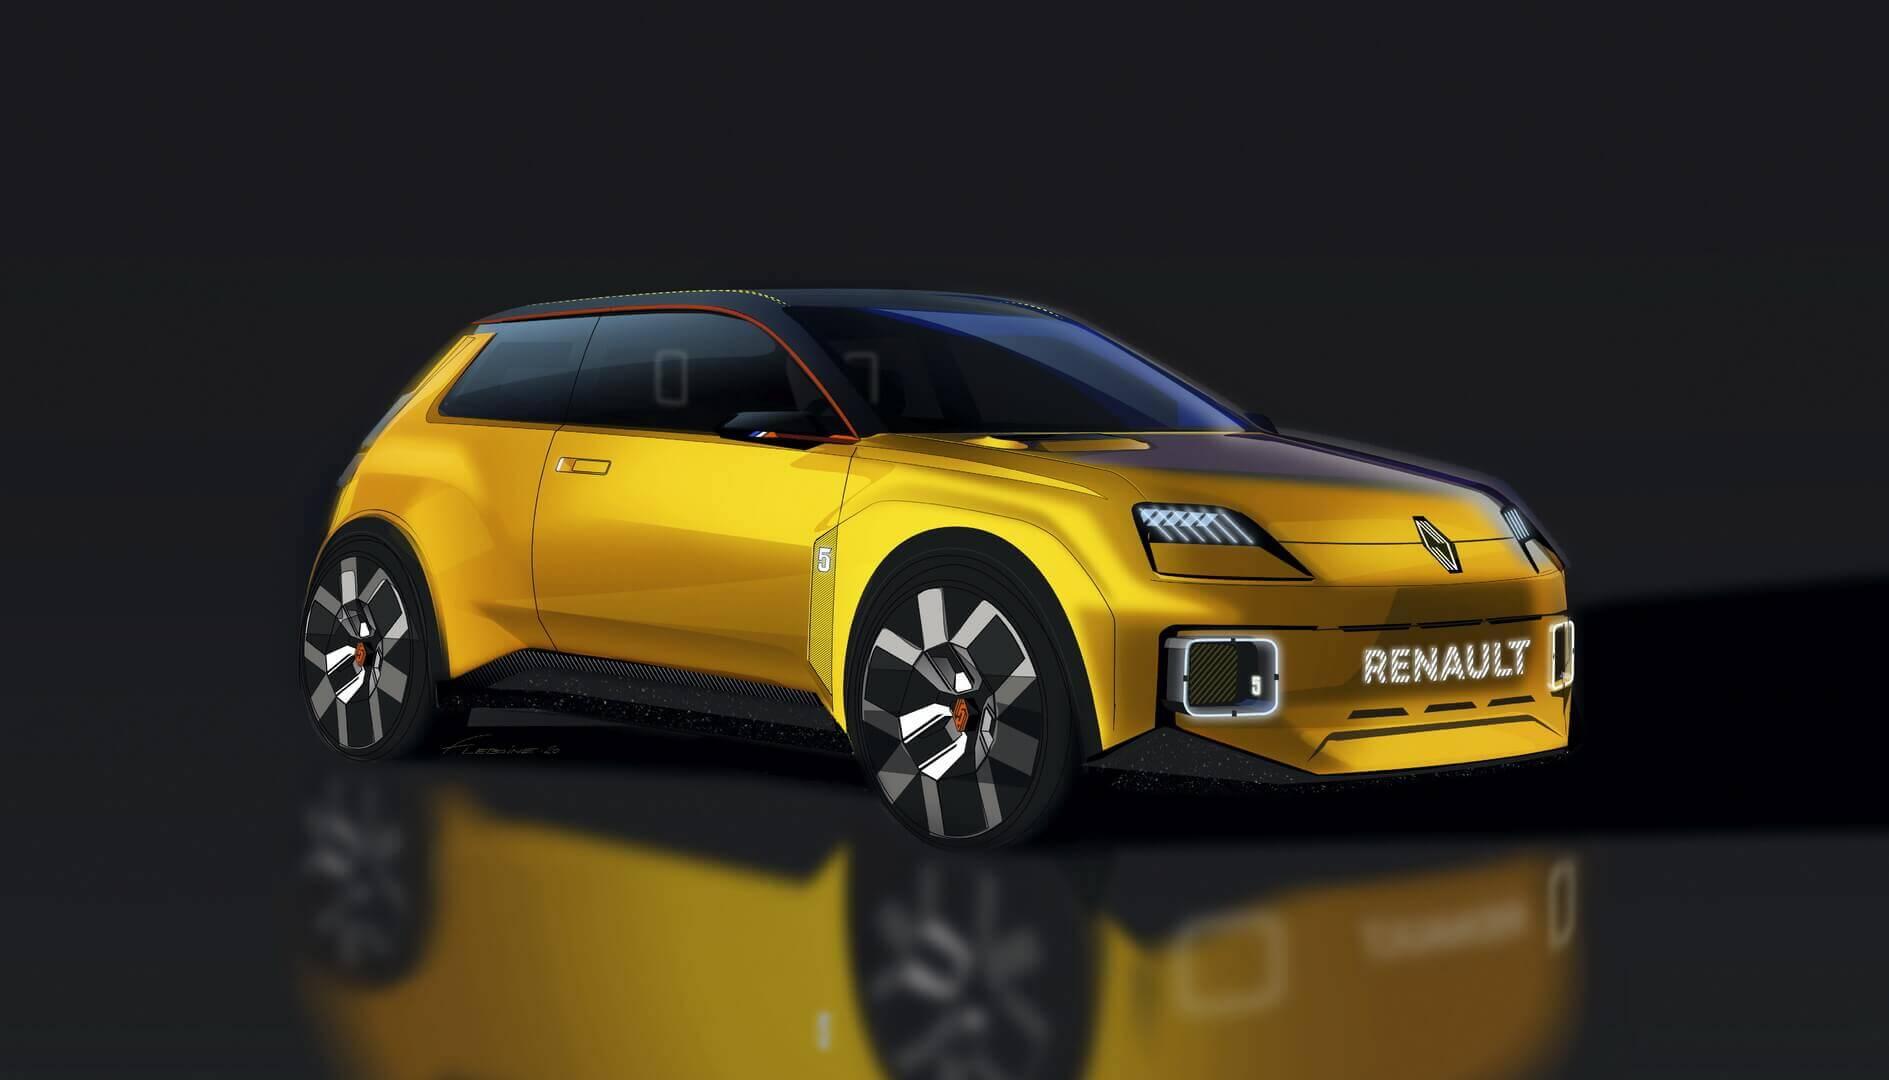 Концепт электрического городского автомобиля Renault 5